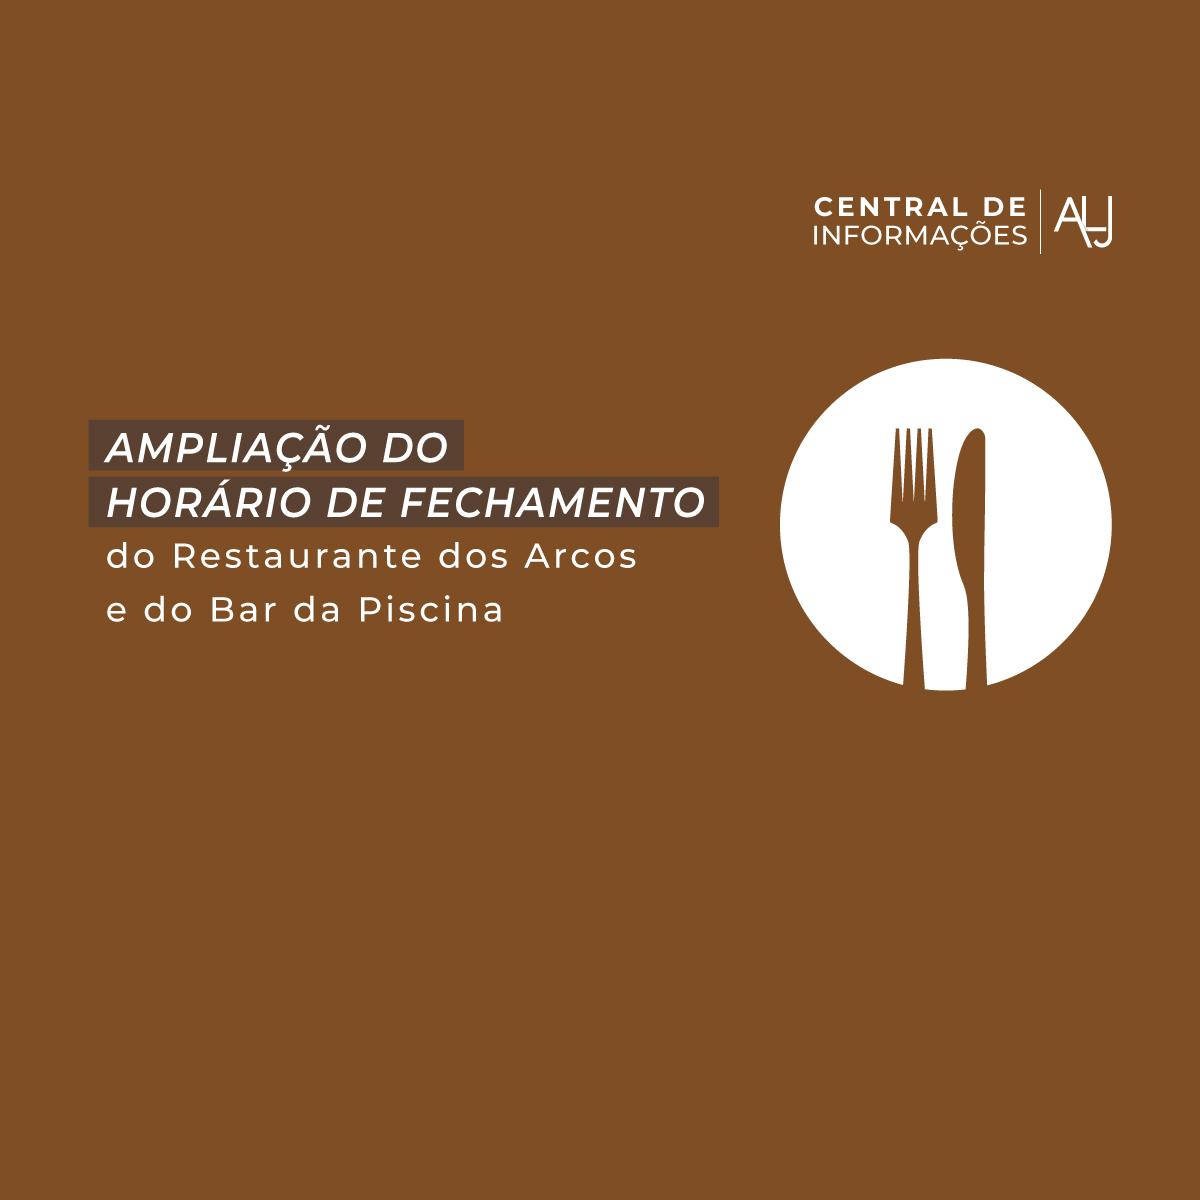 Segurança e boa gastronomia nos restaurantes do Juvenil